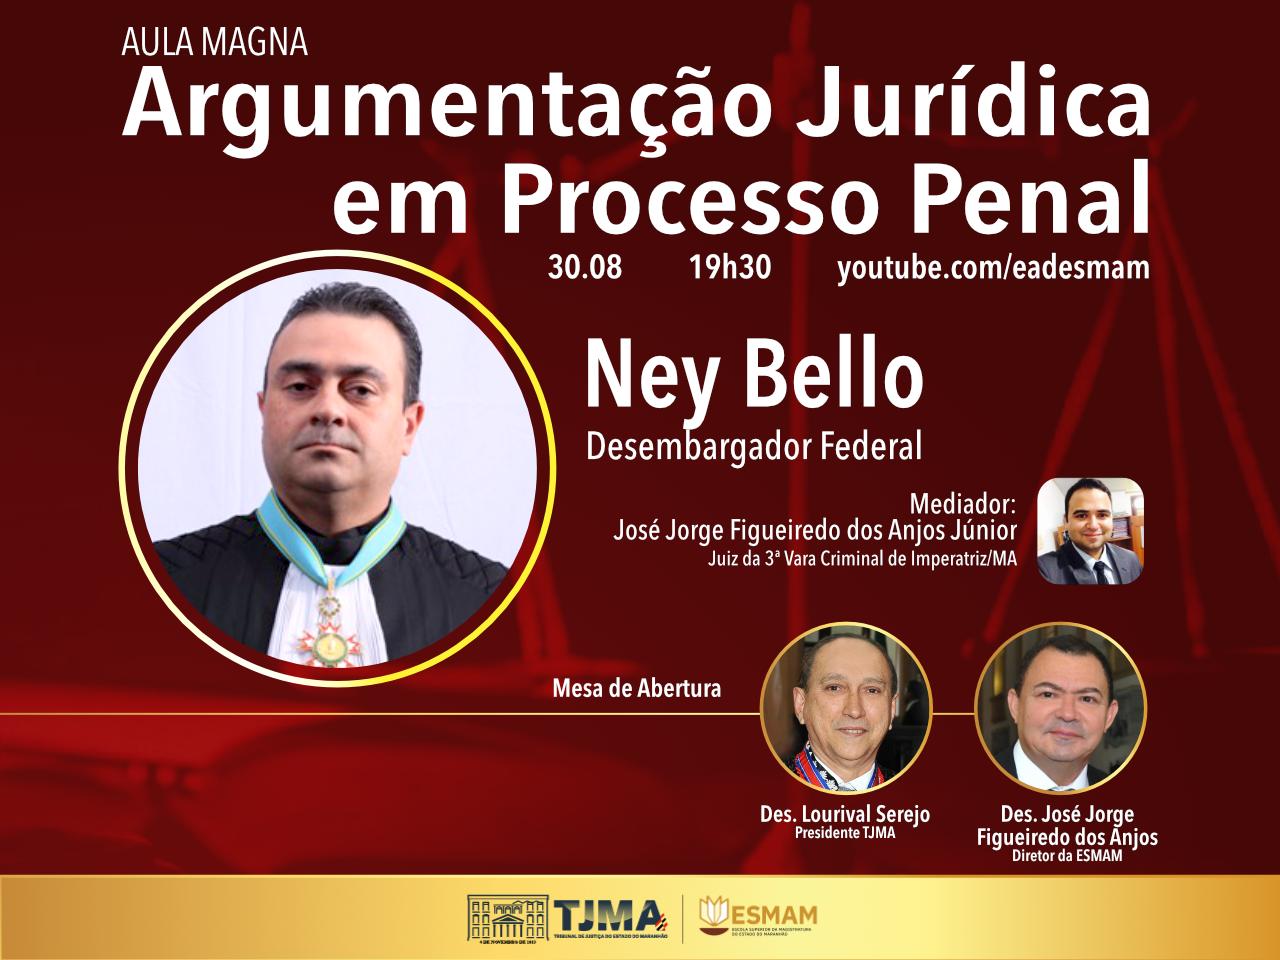 Argumentação Jurídica emProcesso Penal é o tema da Aula Magna desta segunda-feira (30)